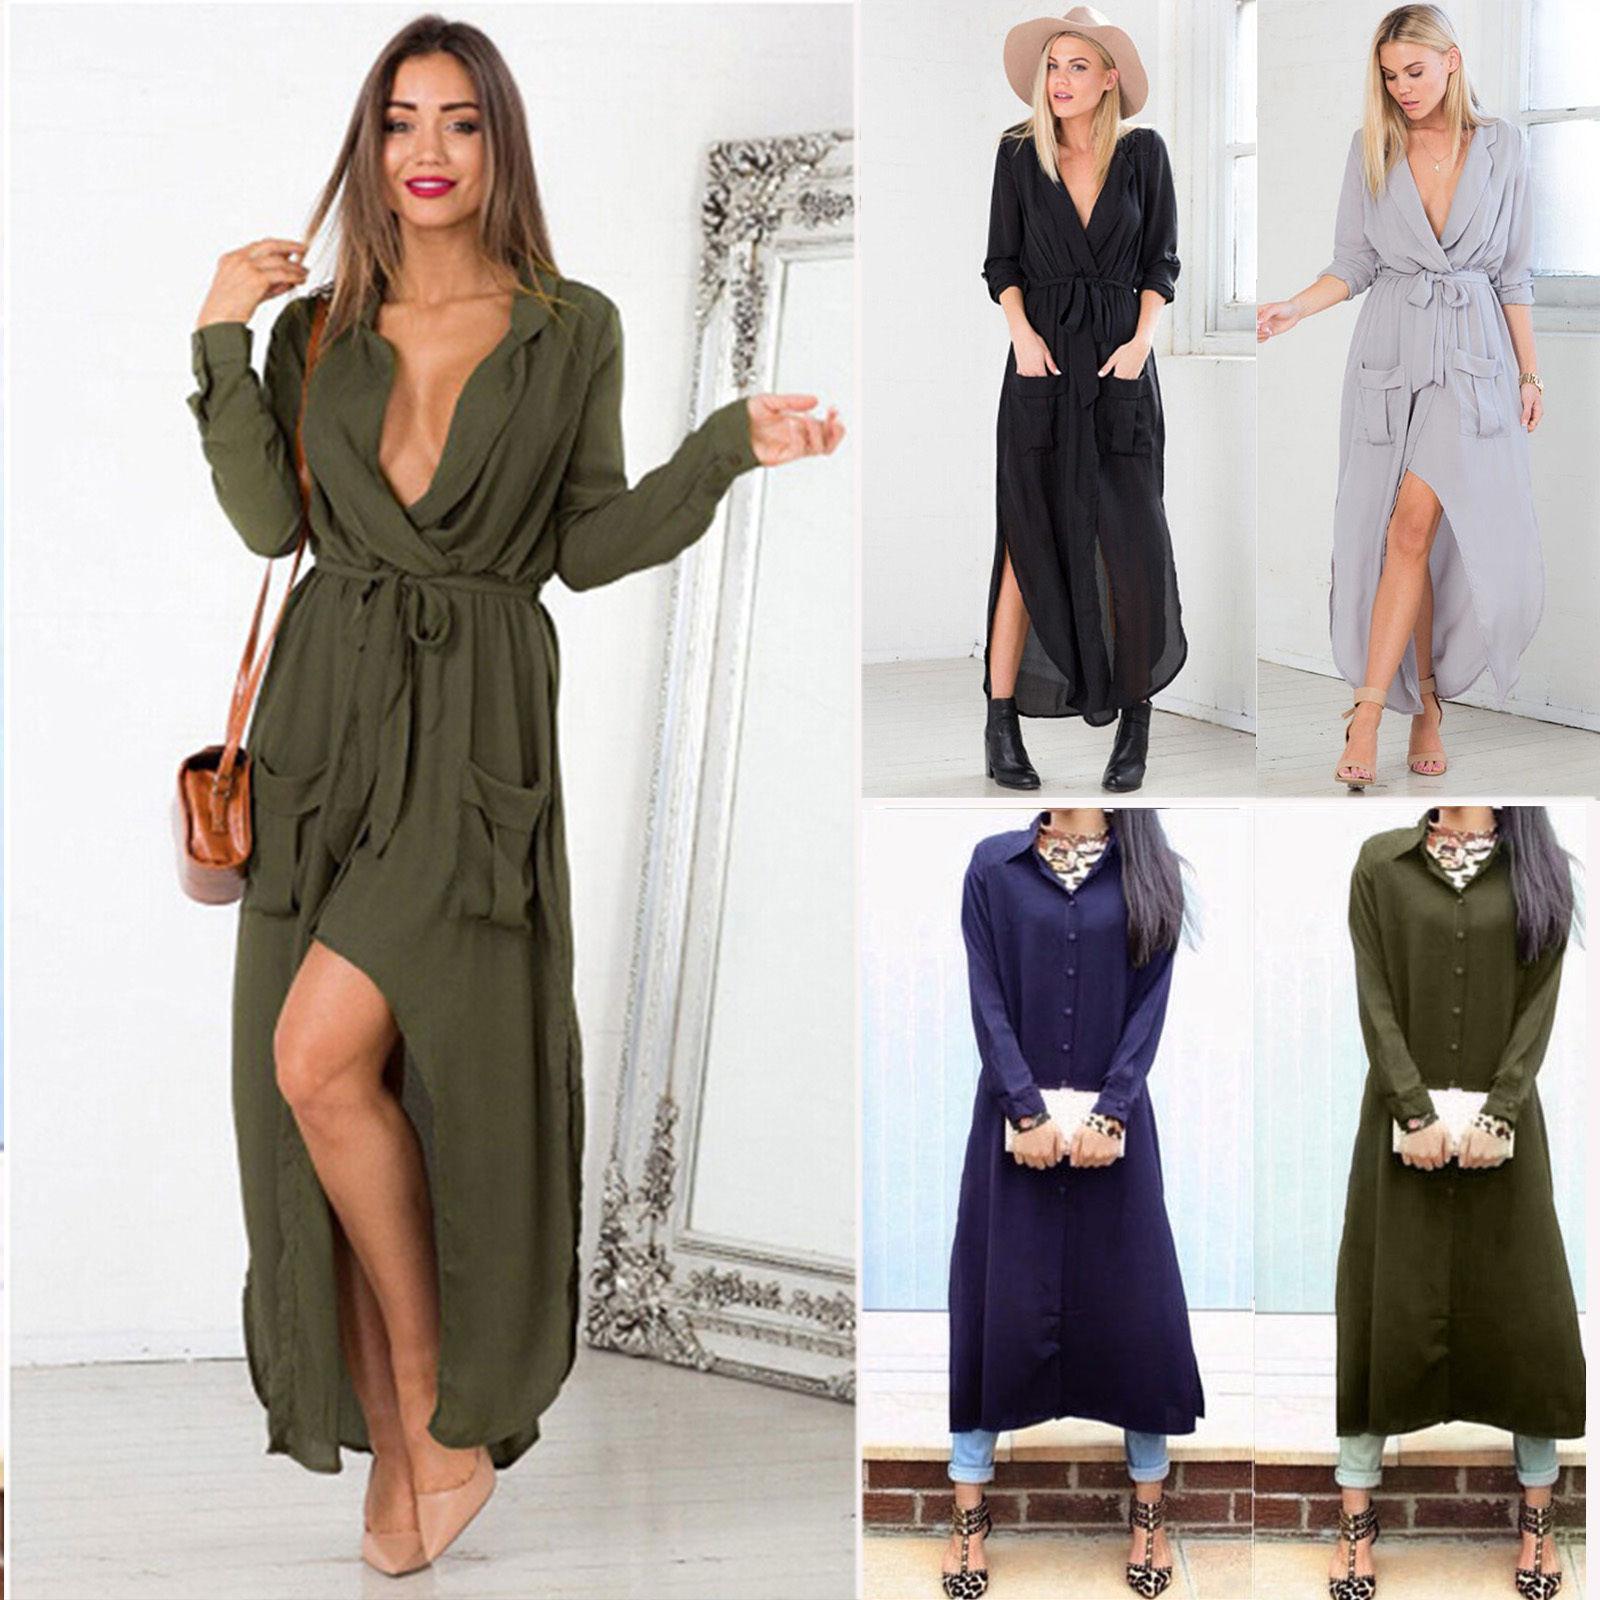 Long sleeve chiffon shirt dress - Long dress style